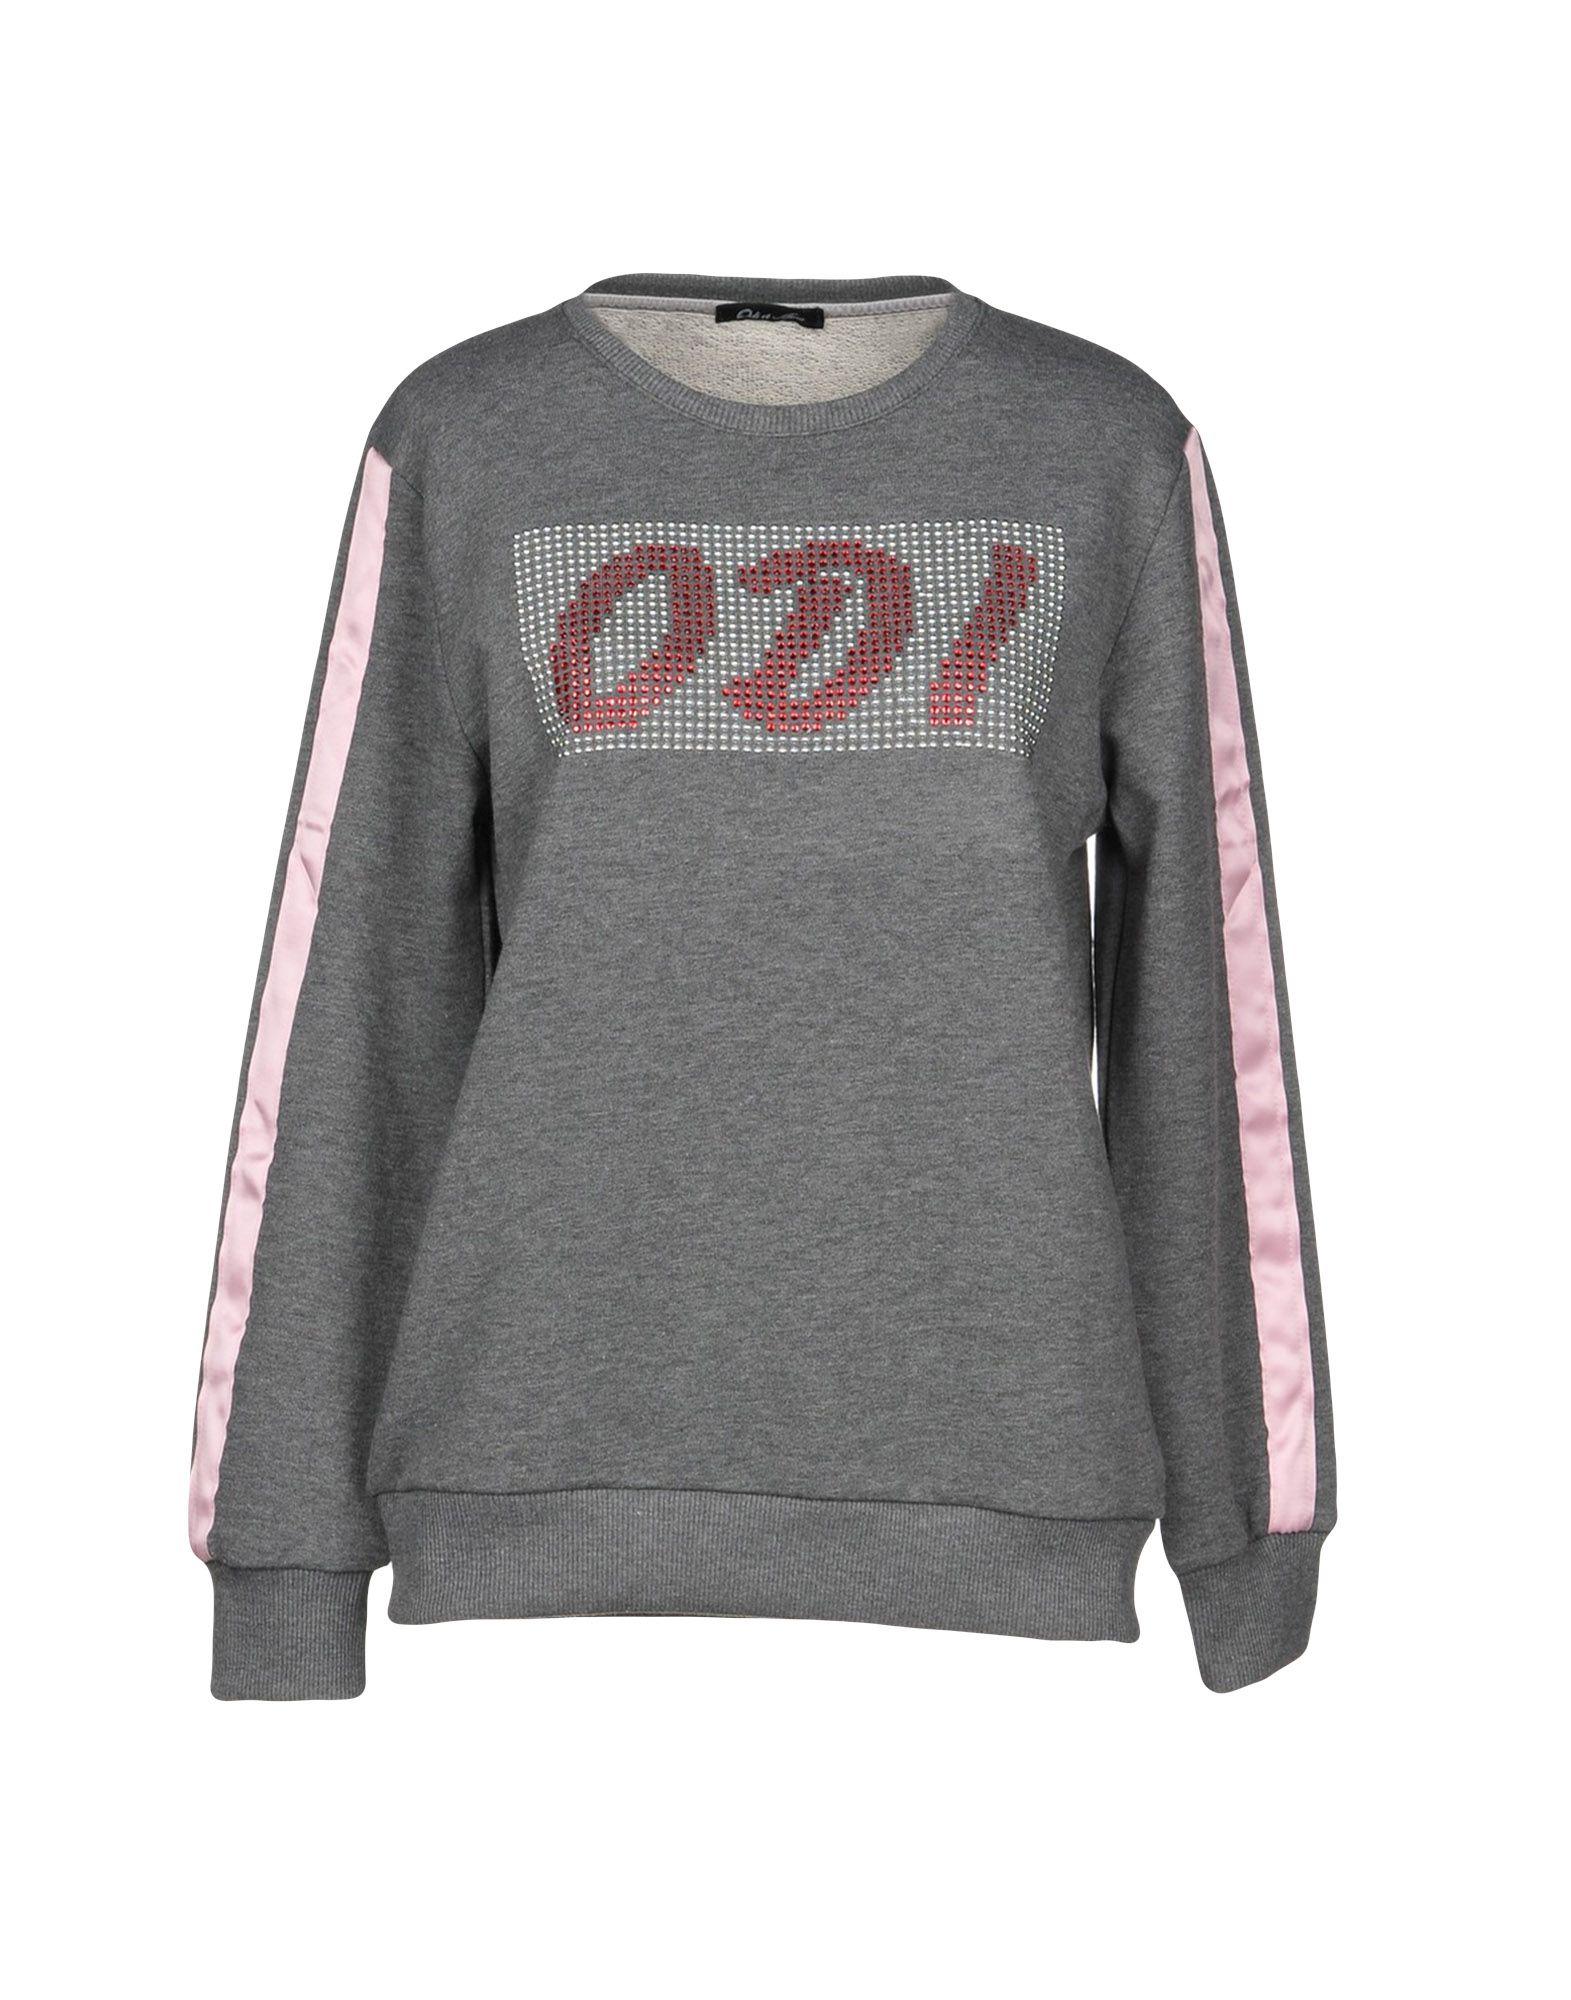 《期間限定セール中》ODI ET AMO レディース スウェットシャツ グレー XS コットン 100%